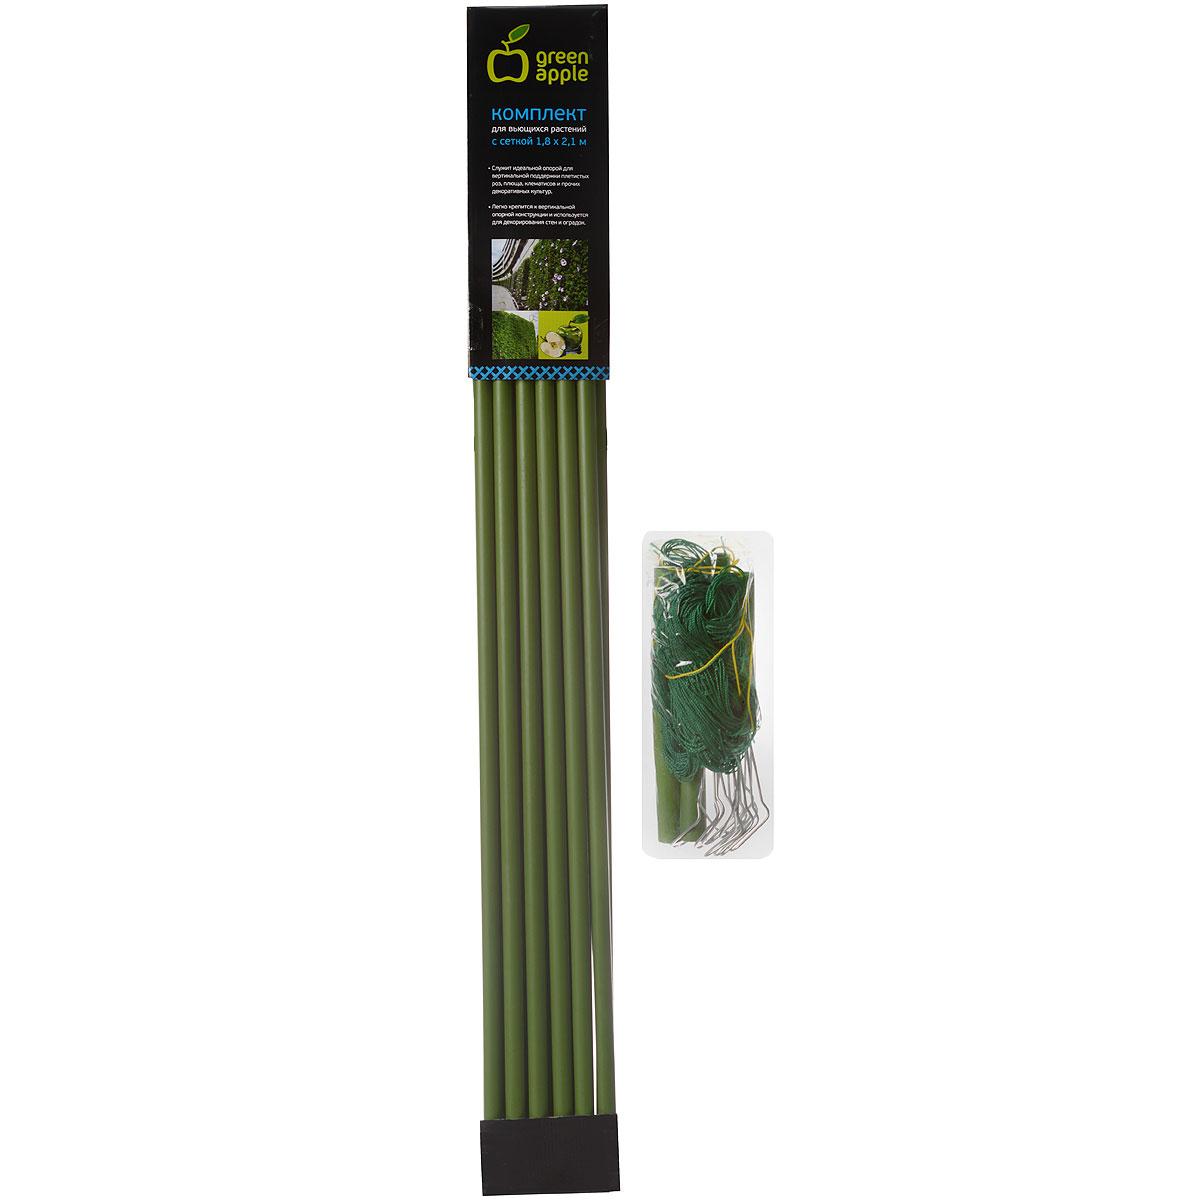 Комплект для вьющихся растений Green Apple GLSCL-6, сборный, с сеткой 1,8 х 2,1 мZ-0307Комплект для вьющихся растений служит идеальной опорой для вертикальной поддержки плетистых роз, плюща, клематисов и прочих декоративных культур.Легко крепится к вертикальной опорной конструкции и используется для декорирования стен и оградок.